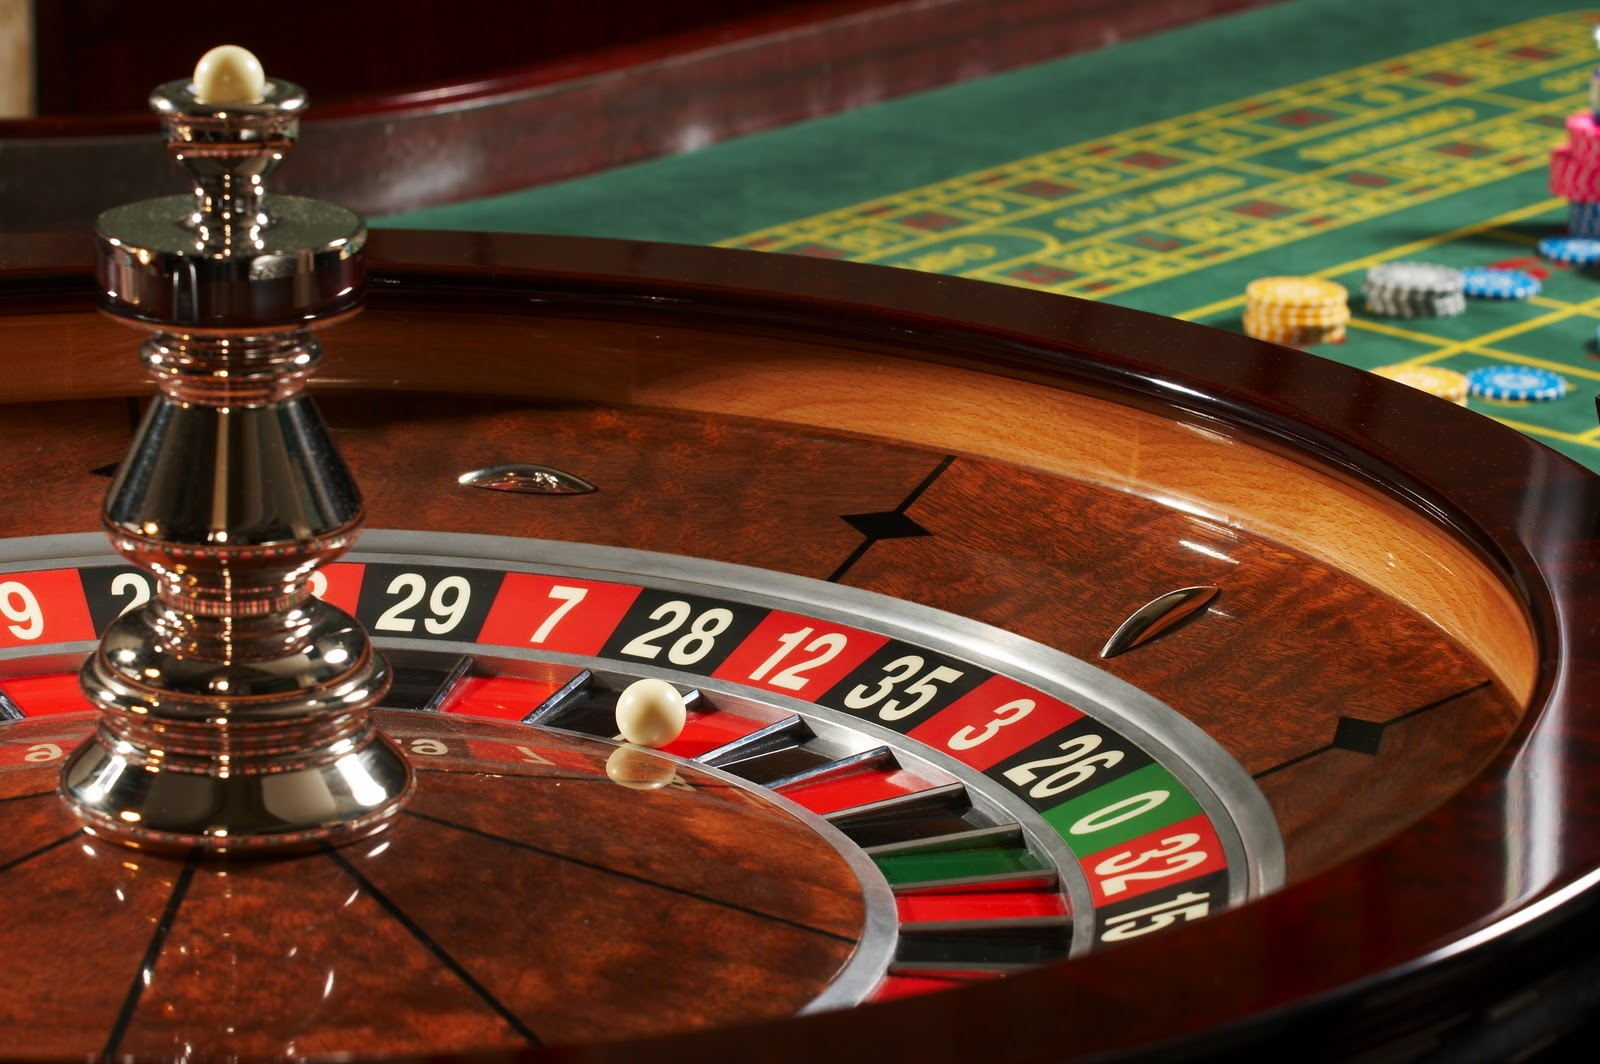 Jeux casinoet les machines à sous